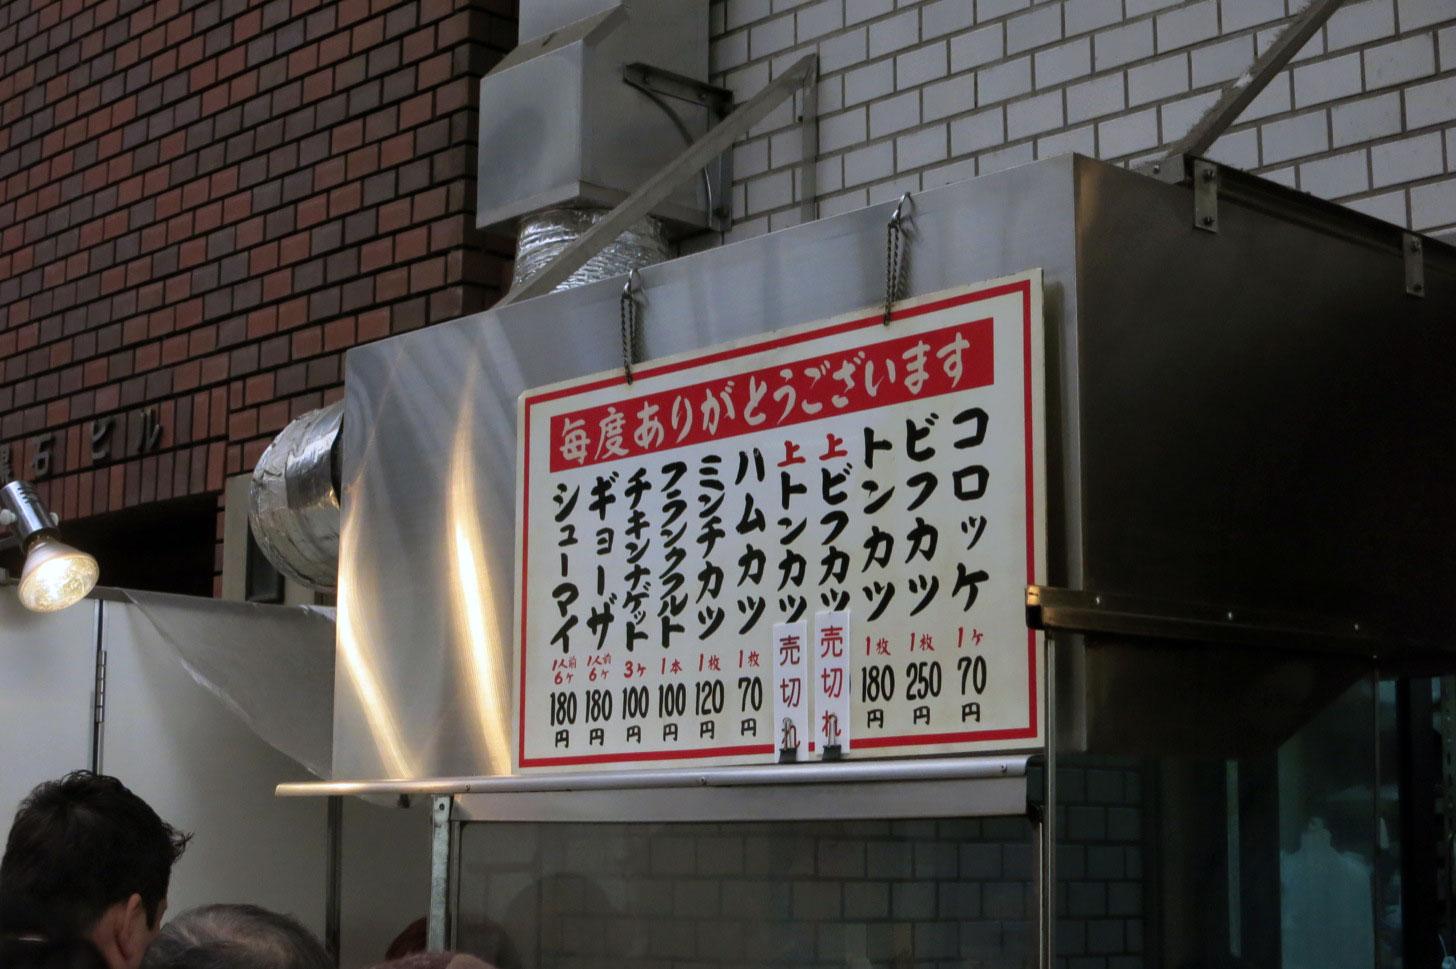 浜田雅功絶賛のコロッケ中村屋のメニュー